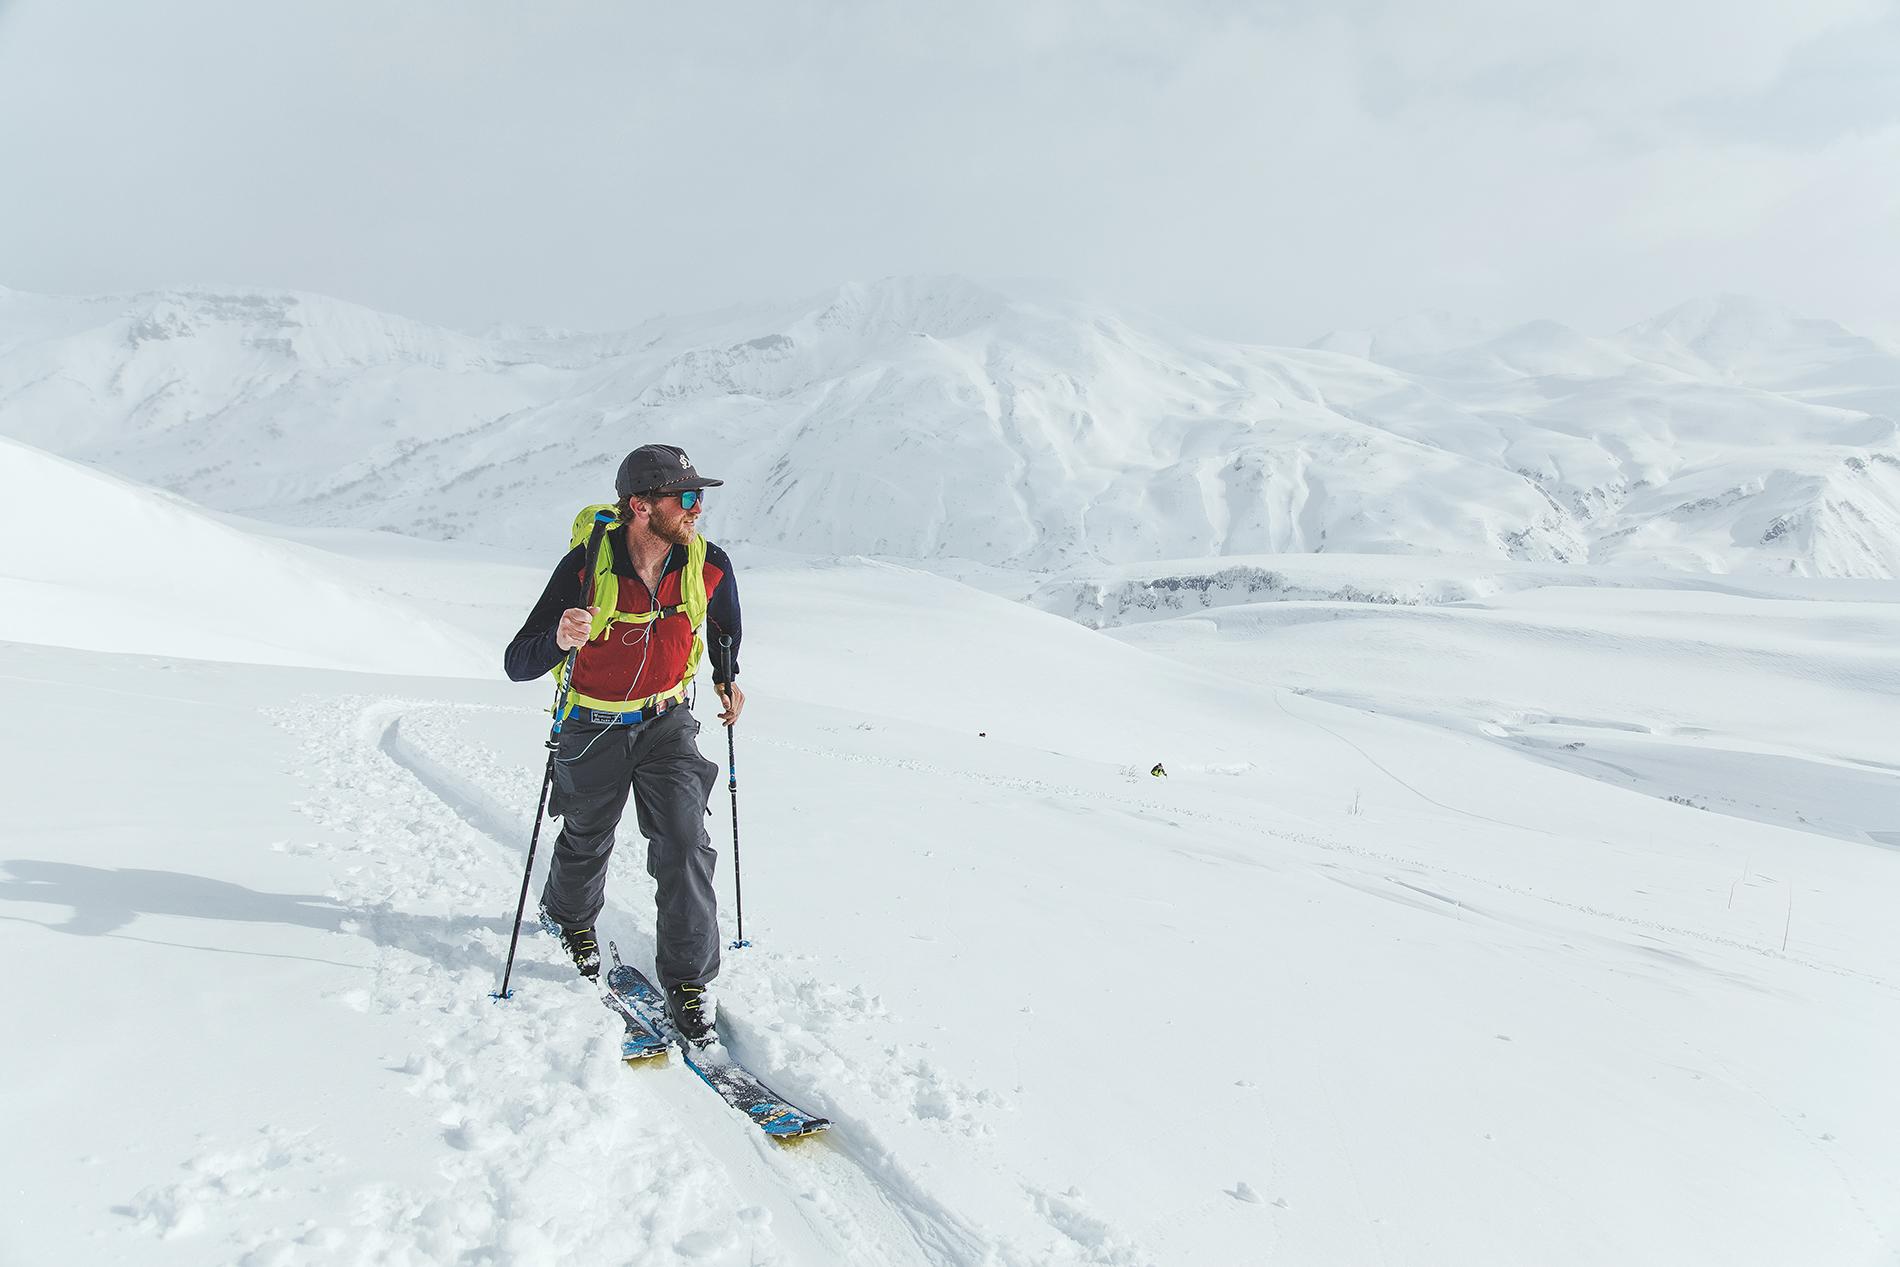 Kyle Smaine tours toward Vilyuchinsky Pass on the last day in Kamchatka. Photo: Matt Berkowitz